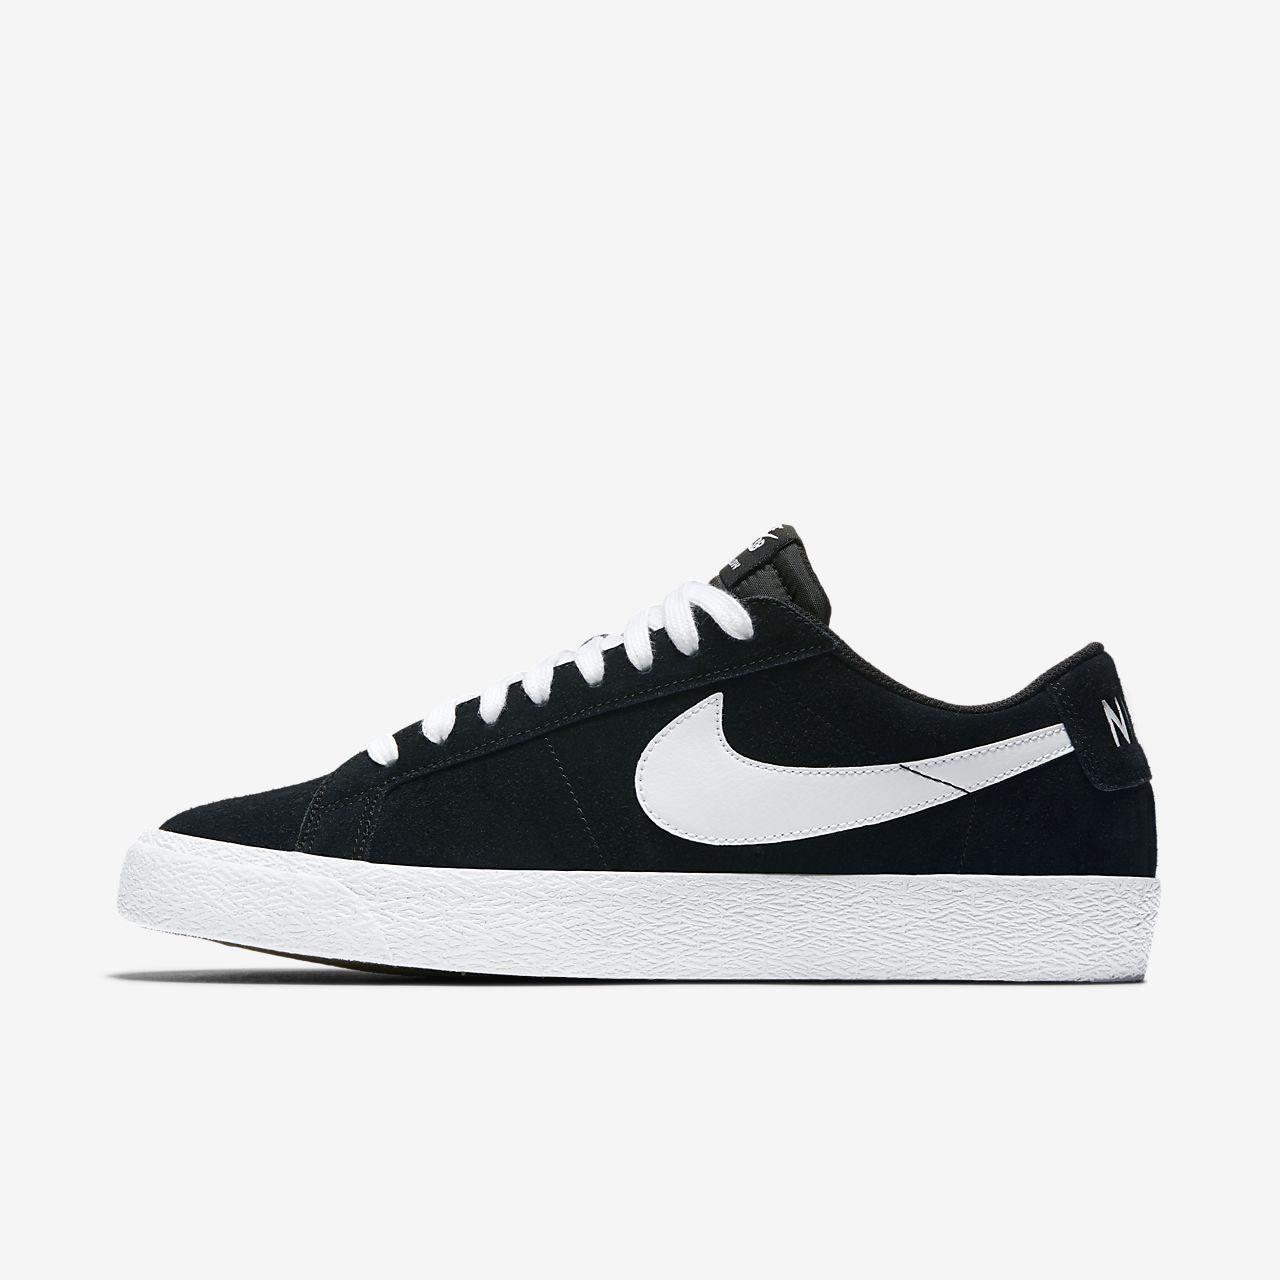 new style 8627d 706c8 ... Nike SB Blazer Zoom Low-skatersko til mænd